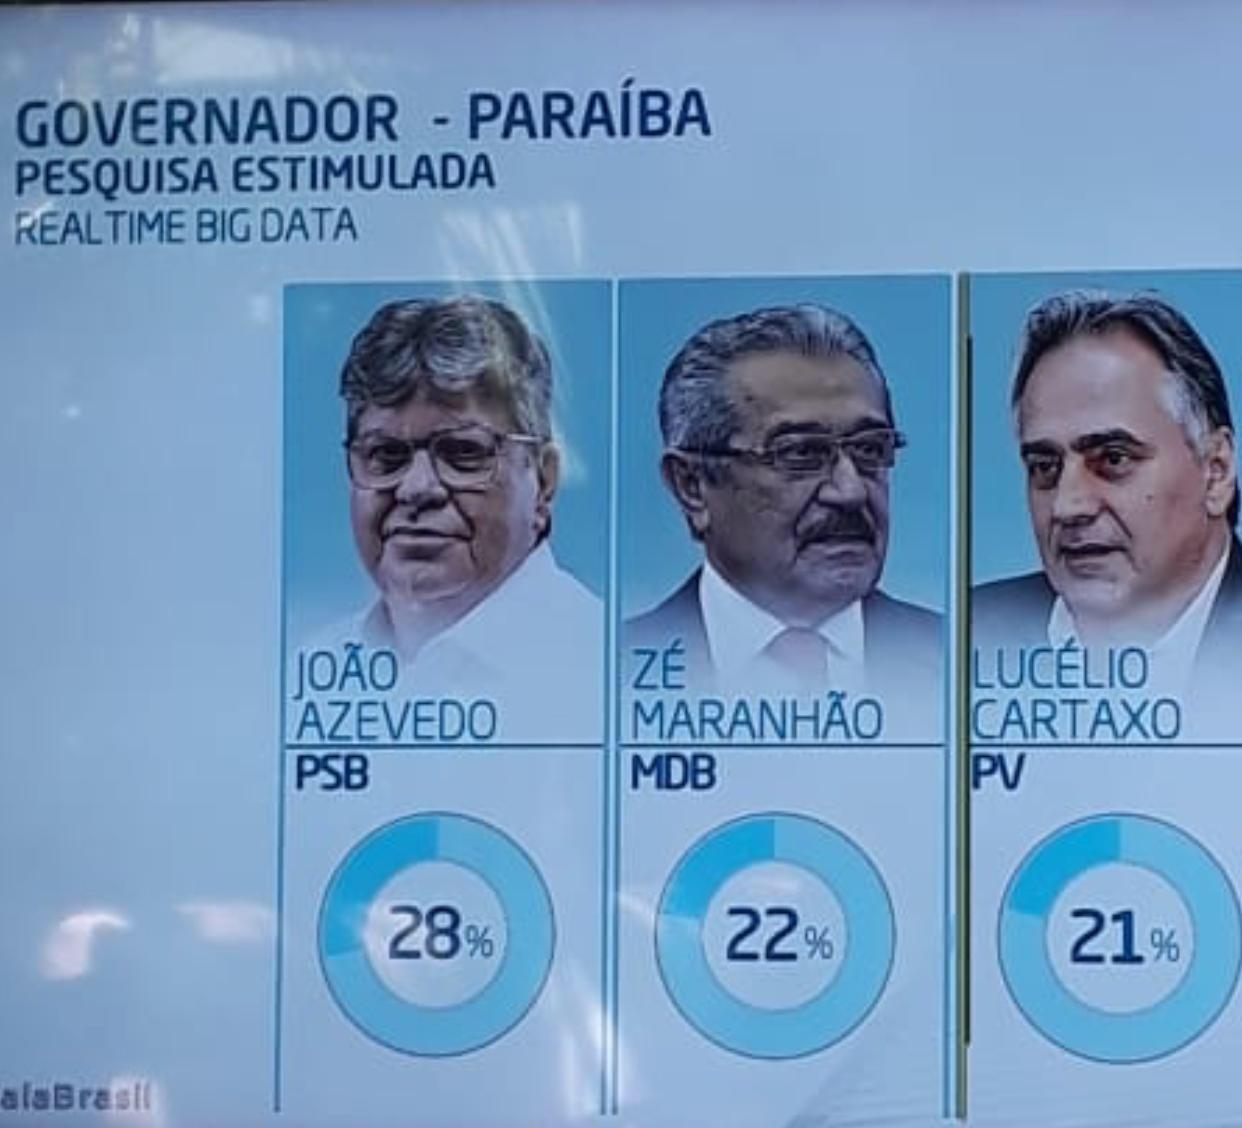 Pesquisa contratada pela TV Record aponta João liderando disputa pelo Governo da PB; confira